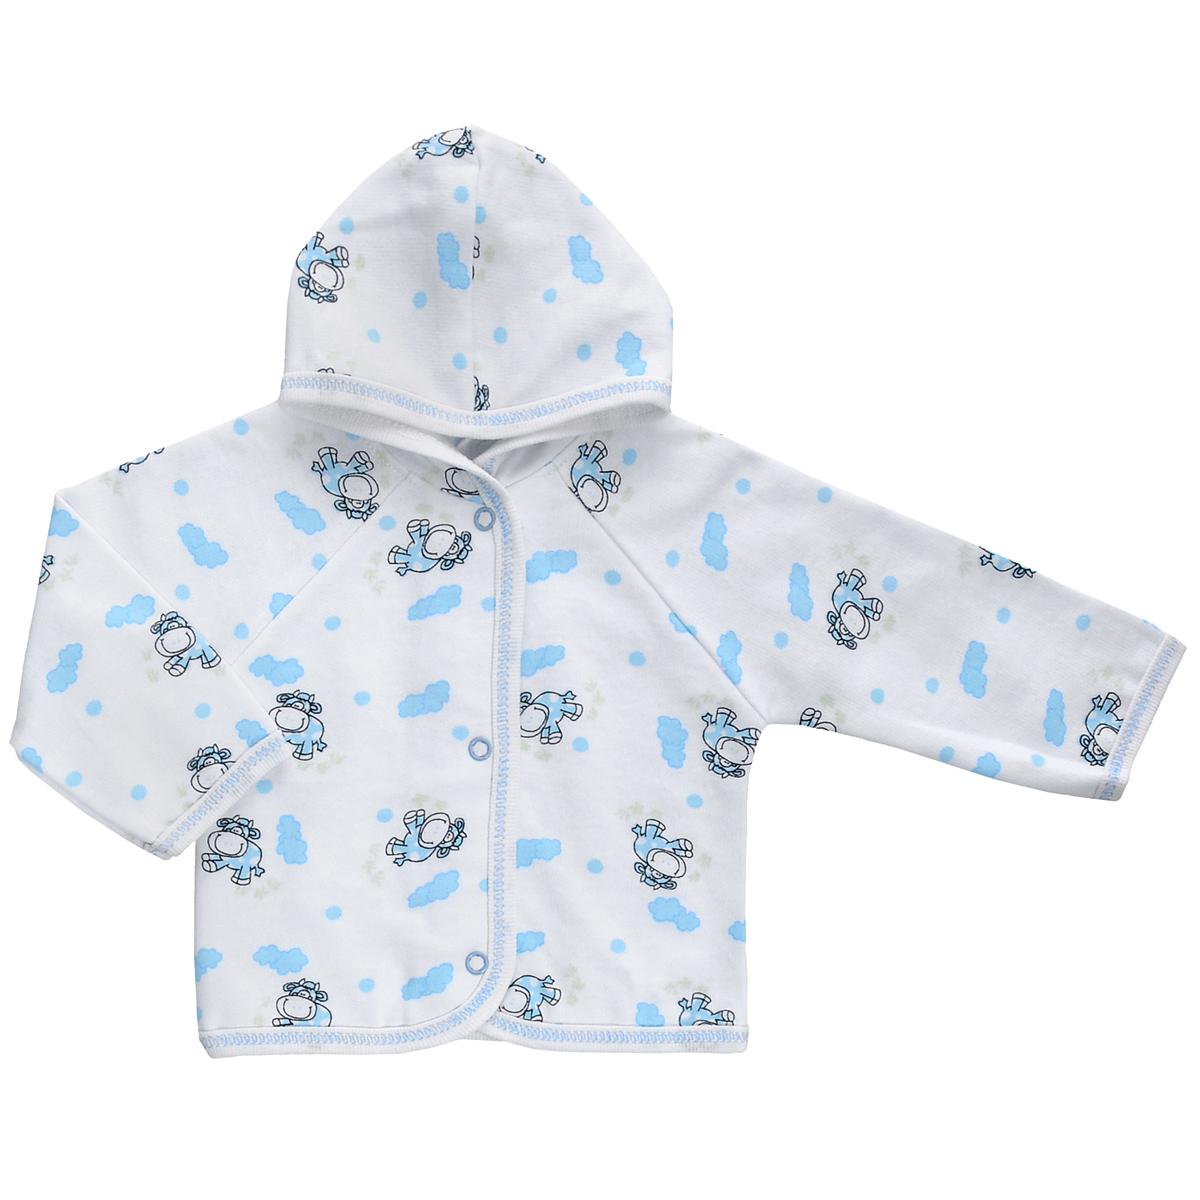 Кофточка детская Трон-плюс, цвет: белый, голубой, рисунок коровы. 5172. Размер 80, 12 месяцев5172Теплая кофточка Трон-плюс идеально подойдет вашему младенцу и станет идеальным дополнением к гардеробу вашего ребенка, обеспечивая ему наибольший комфорт. Изготовленная из футера - натурального хлопка, она необычайно мягкая и легкая, не раздражает нежную кожу ребенка и хорошо вентилируется, а эластичные швы приятны телу малыша и не препятствуют его движениям. Удобные застежки-кнопки по всей длине помогают легко переодеть младенца. Модель с длинными рукавами-реглан дополнена капюшоном. По краям кофточка обработана бейкой и украшена оригинальным принтом.Кофточка полностью соответствует особенностям жизни ребенка в ранний период, не стесняя и не ограничивая его в движениях.